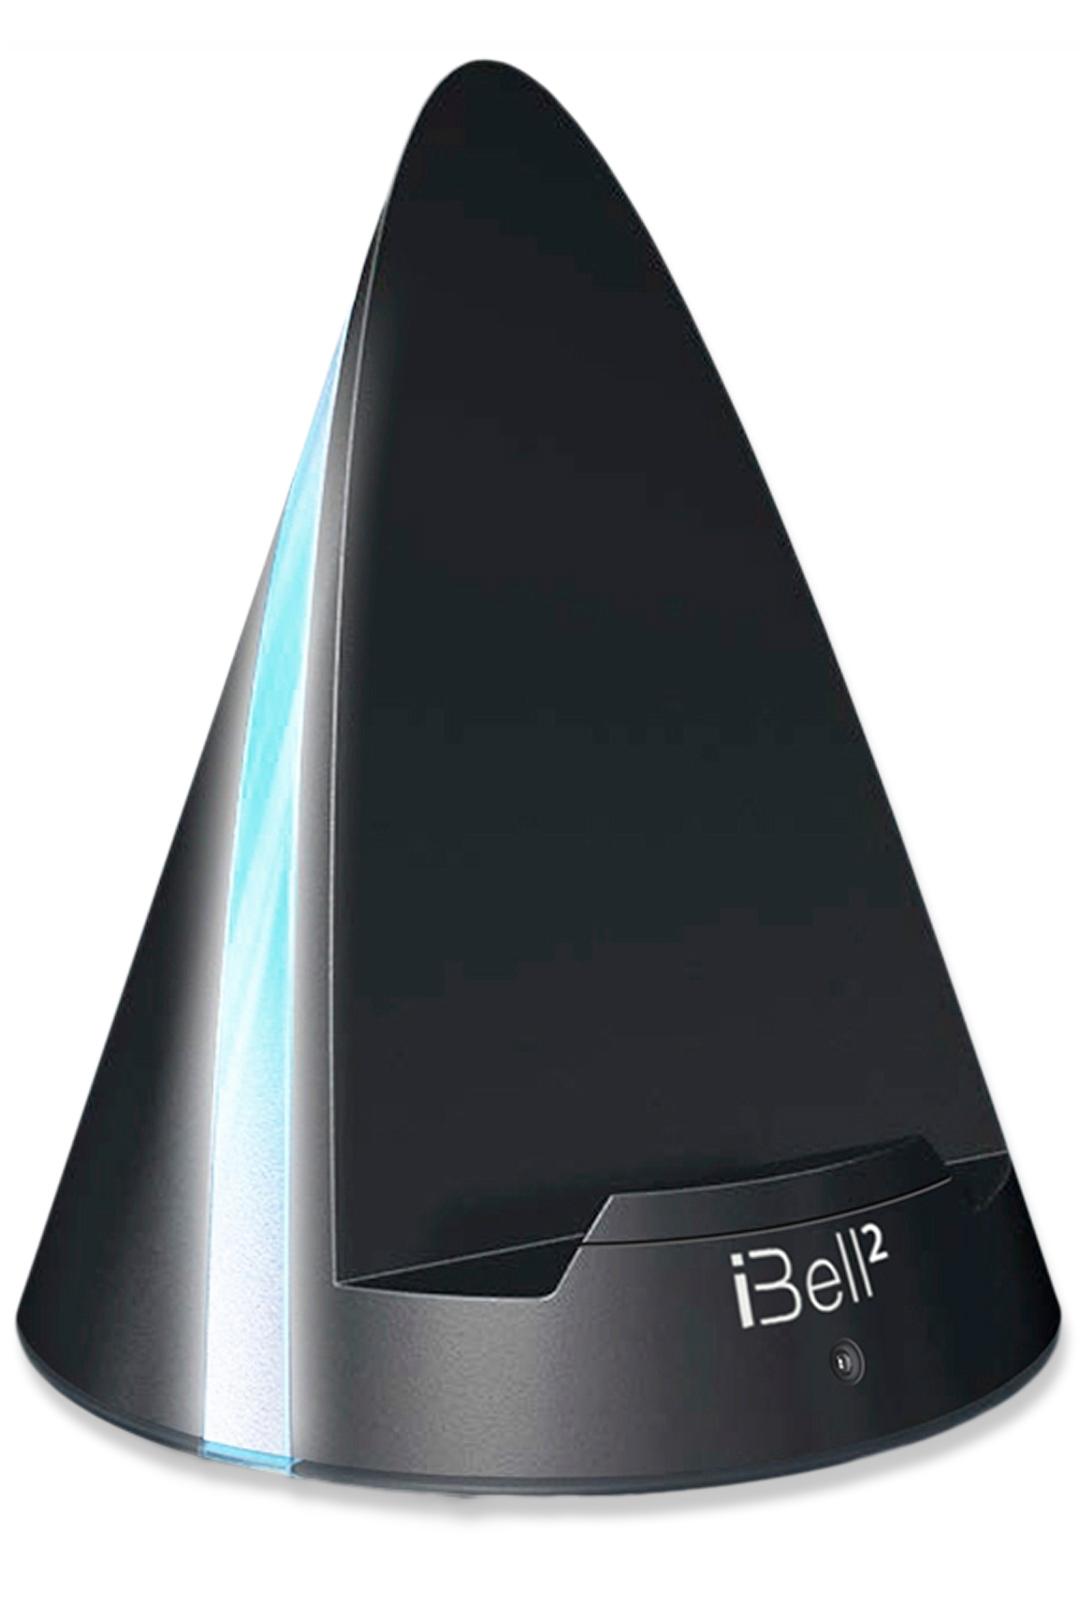 Puhelimen soittoilmaisin helpottaa arkea, mikäli kuulokoje ei ole vielä käytössä.